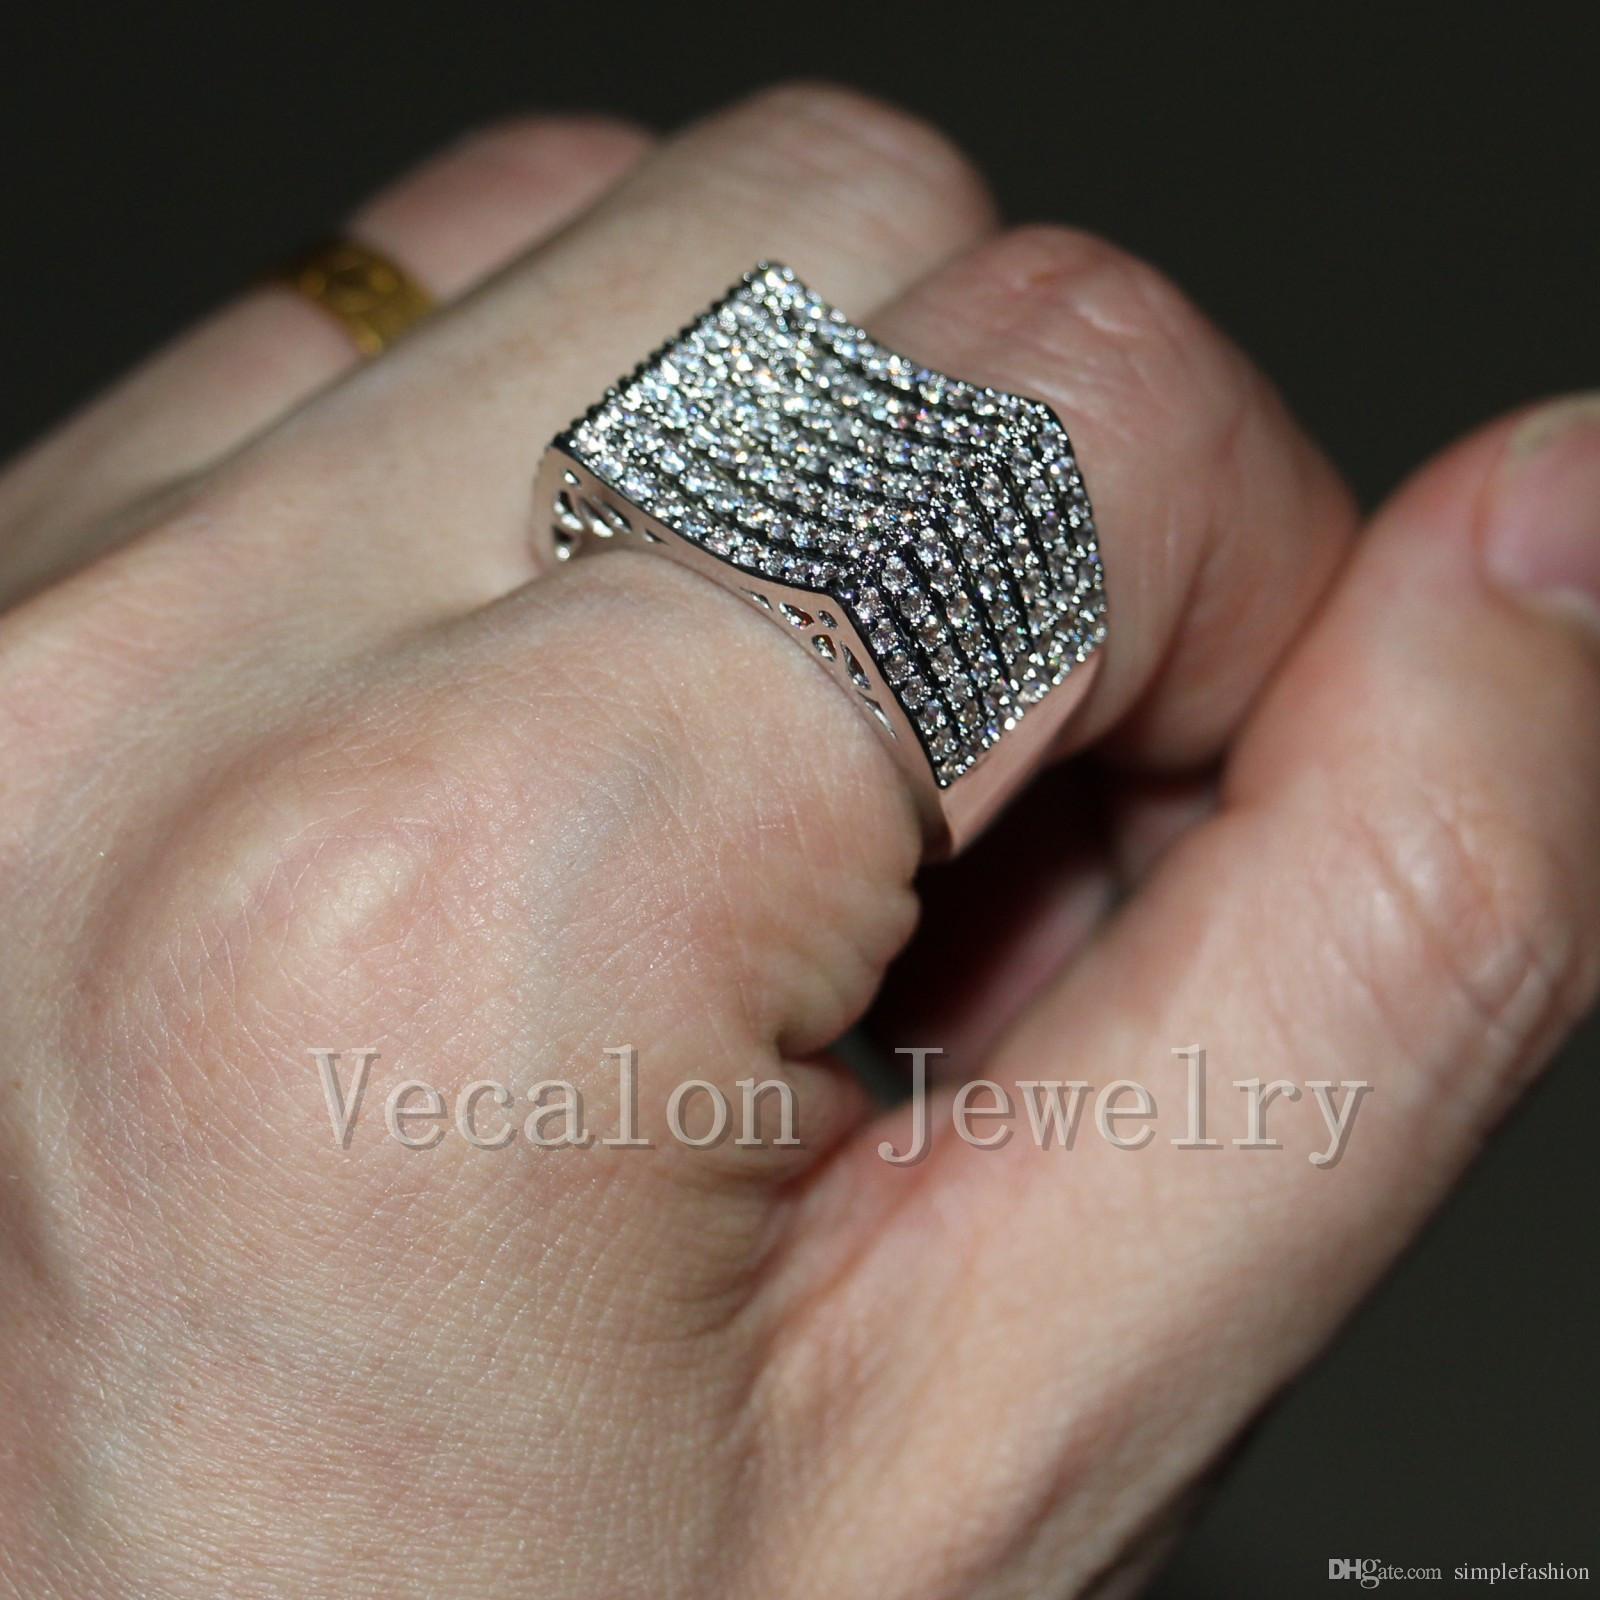 Vecalon 수제 토파즈 시뮬레이션 다이아몬드 Cz에 여성 웨딩 밴드 10KT 화이트 골드 여성 Sz를 5-11을위한 약혼 반지를 가득